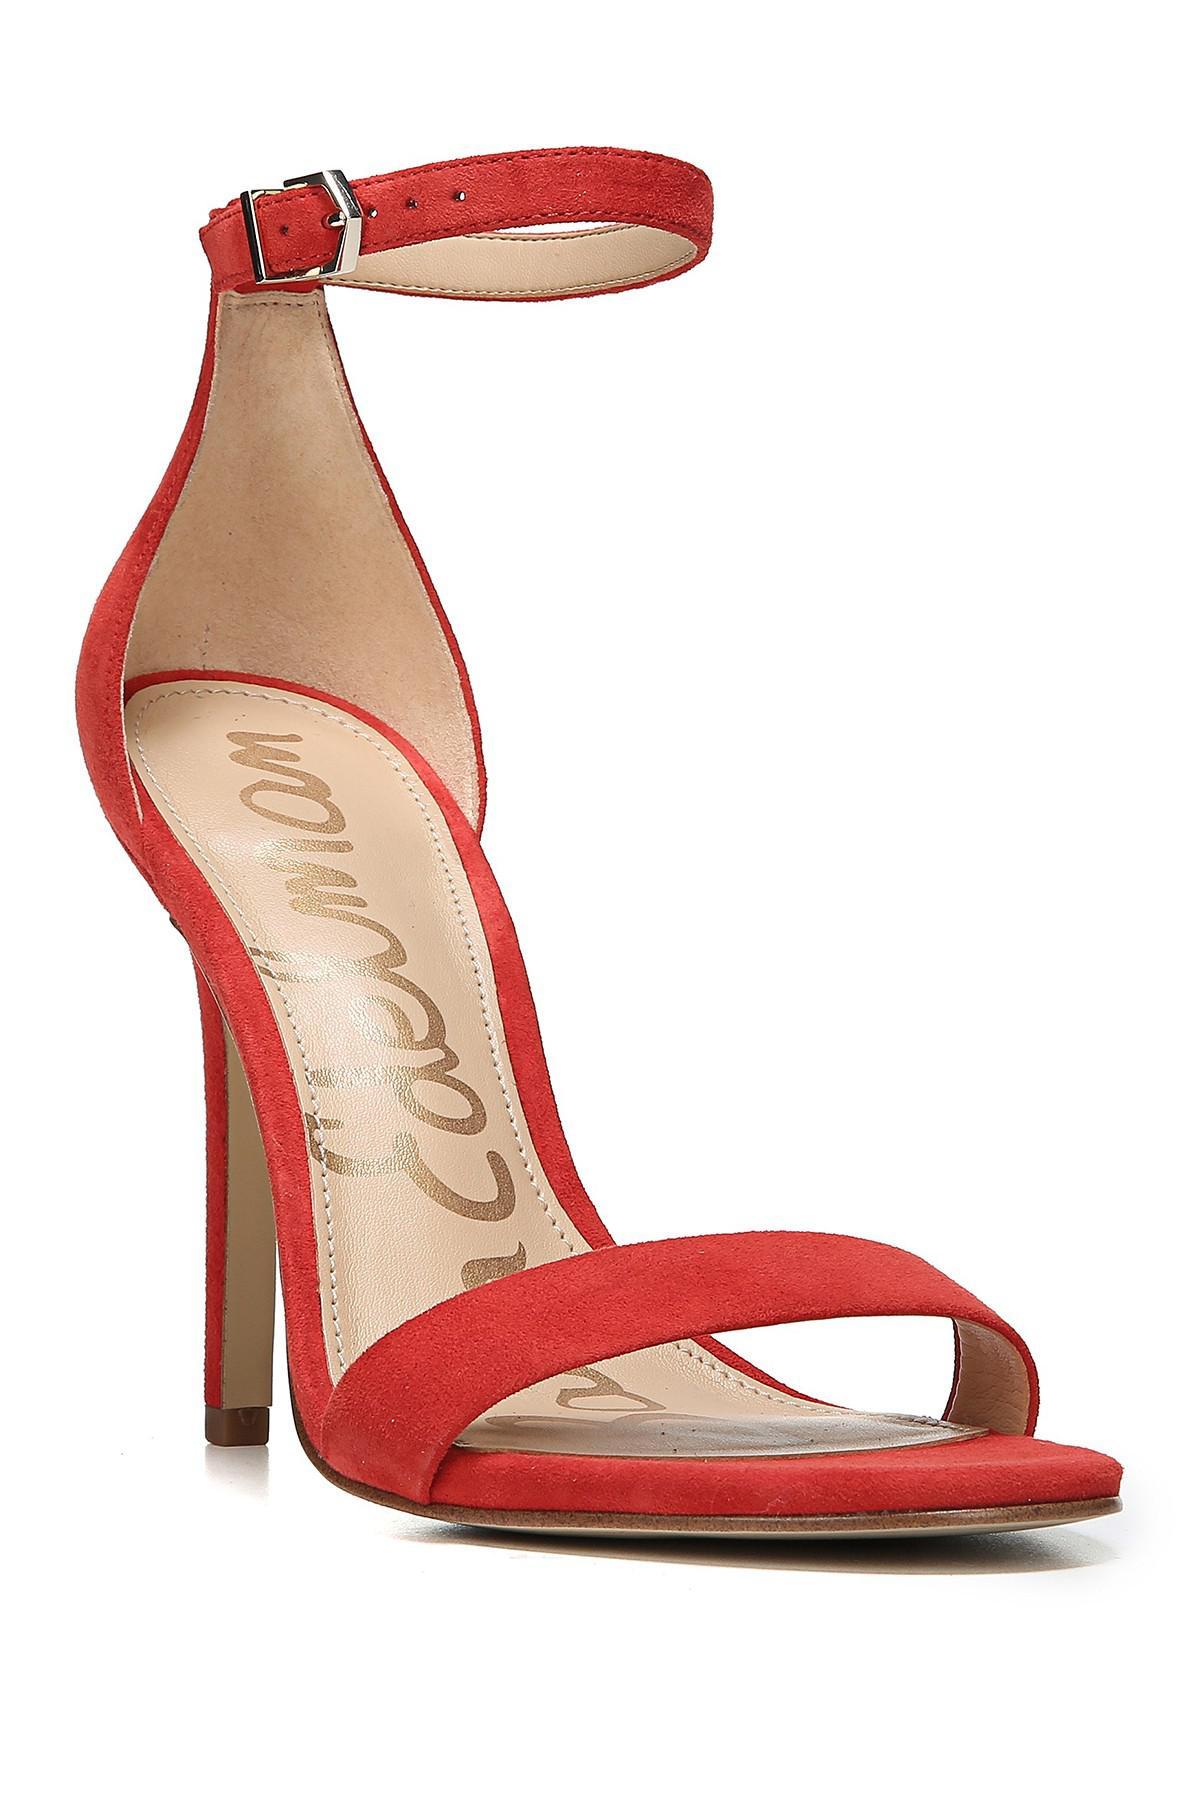 Sam Edelman Jolene Suede Platform Ankle-Strap Sandals eQMd1Or